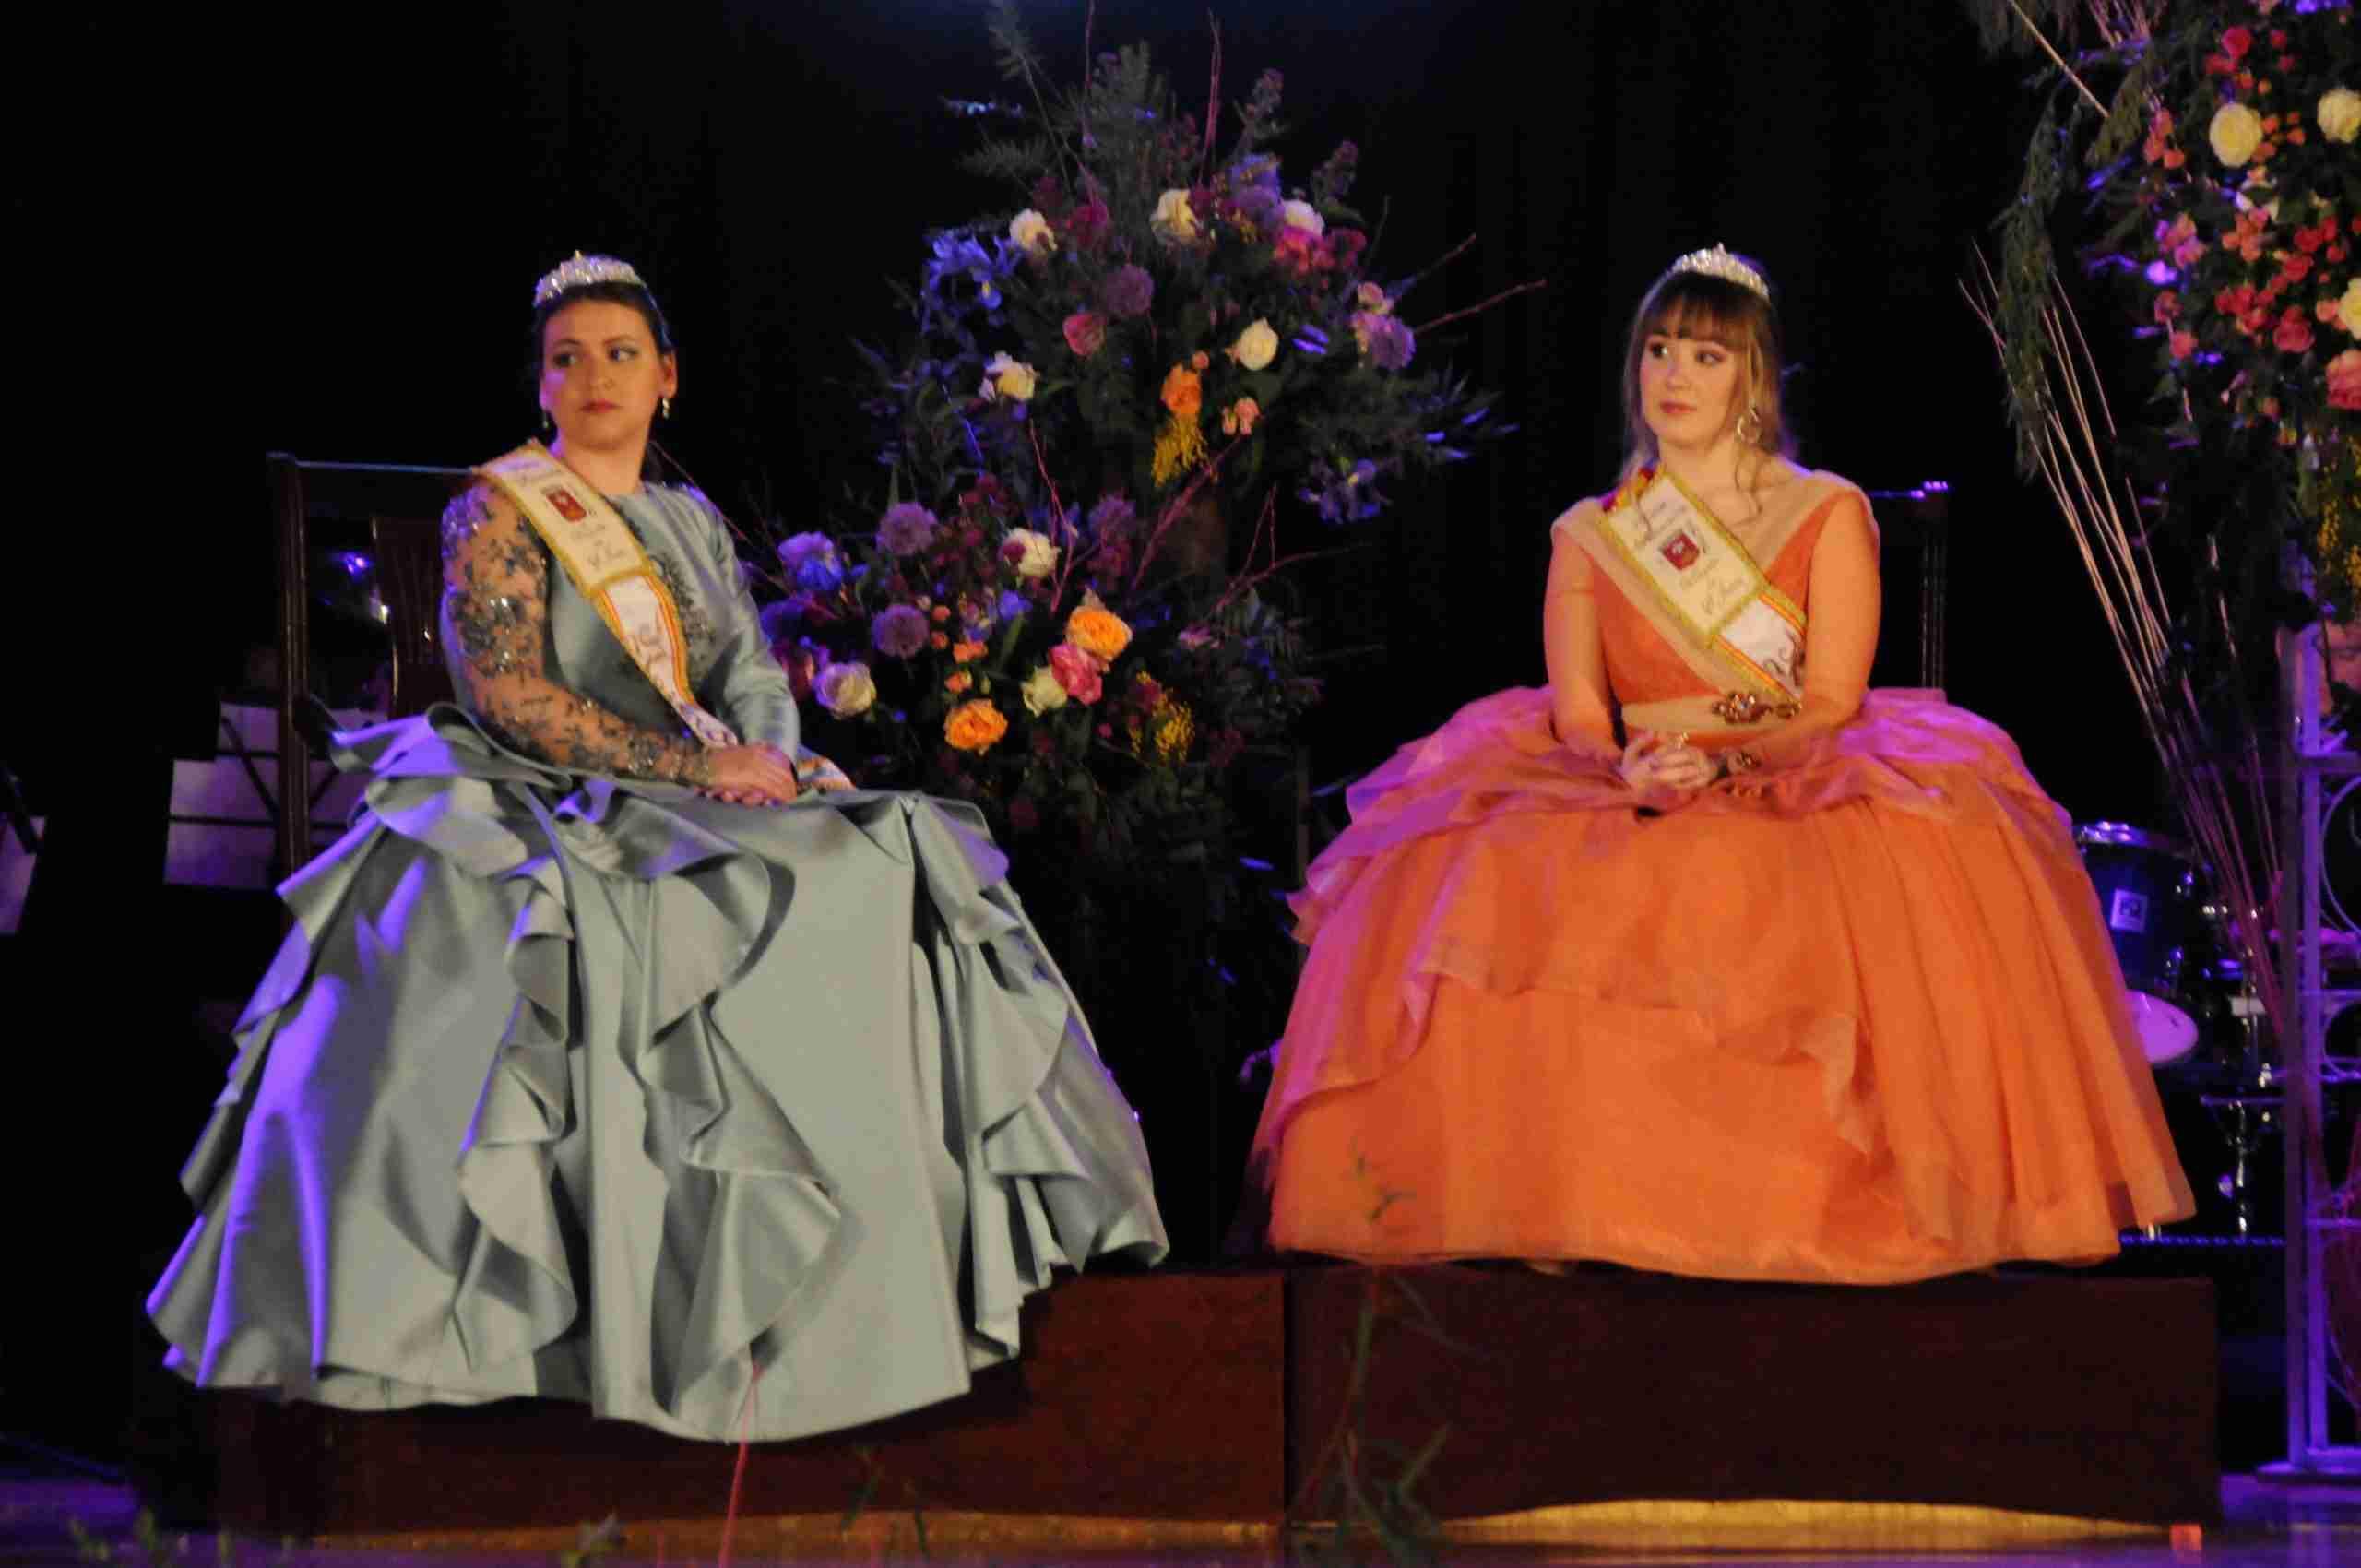 Villarta de San Juan inaugura oficialmente Las Paces, sus fiestas en honor a la Virgen de la Paz 31